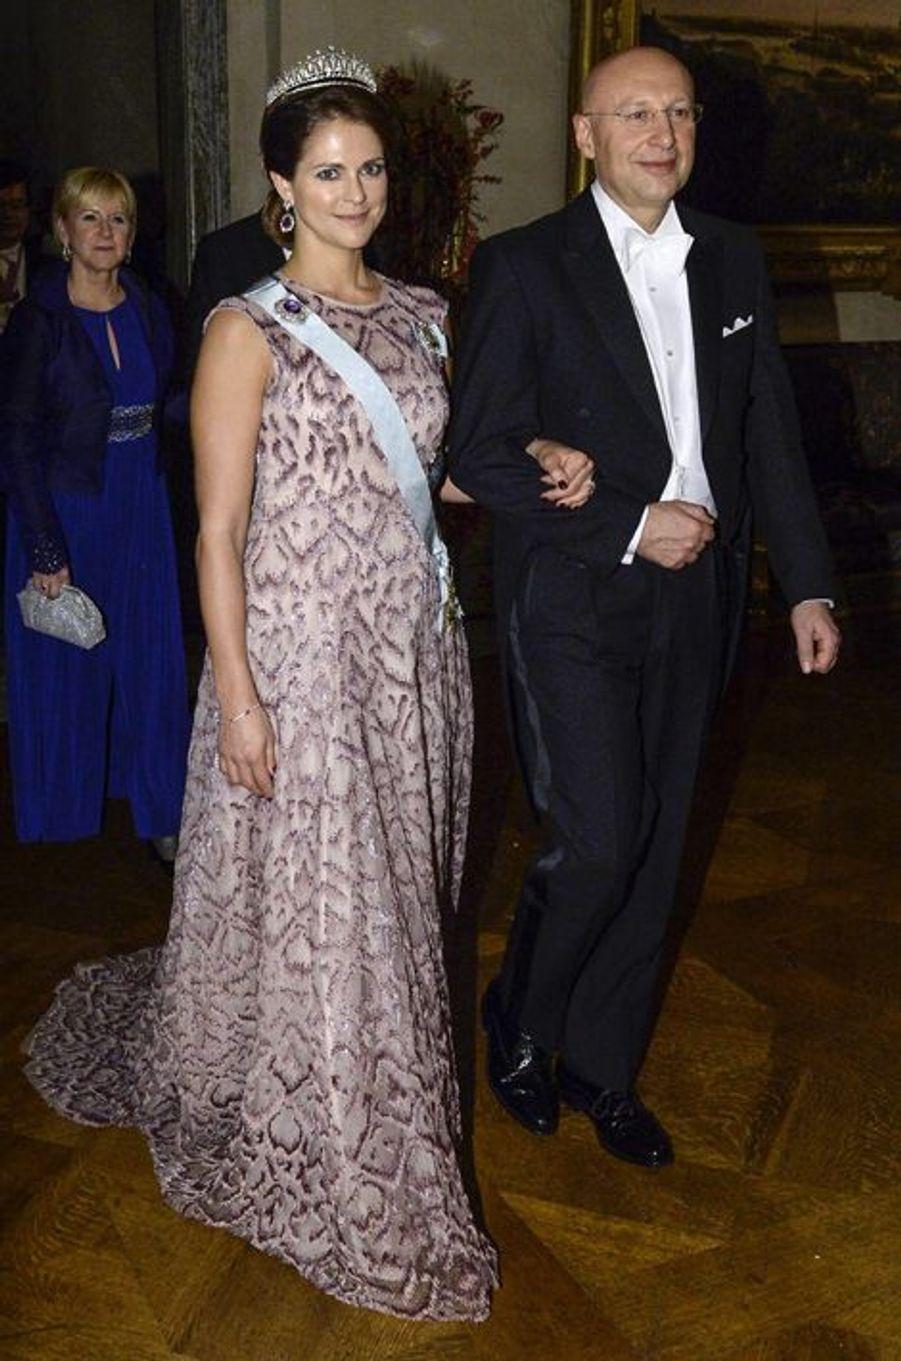 La princesse Madeleine de Suède au banquet des prix Nobel à Stockholm, le 10 décembre 2014